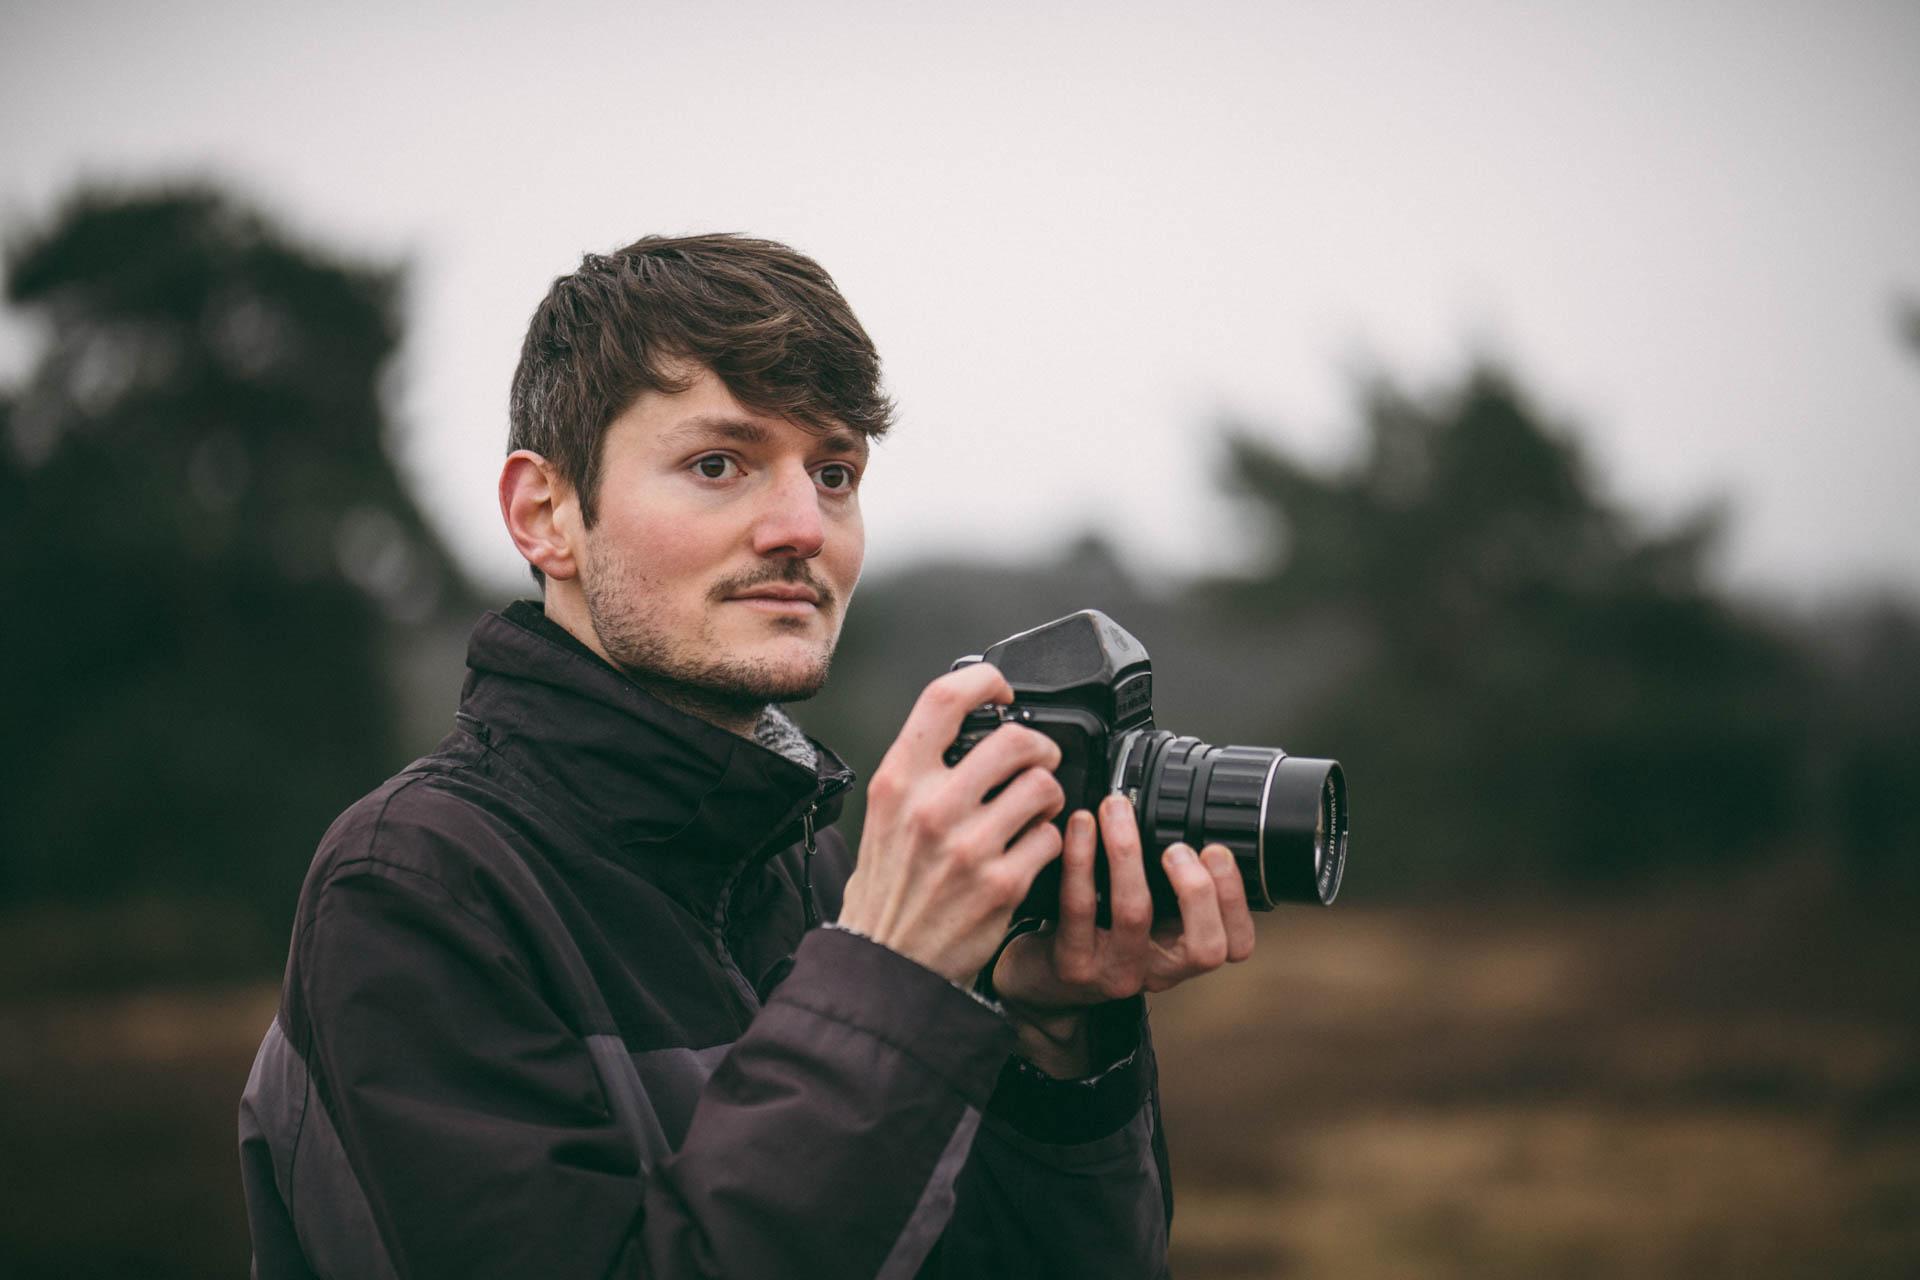 Portrait des Fotografen Benjamin Wohlert mit Kamera in der Hand